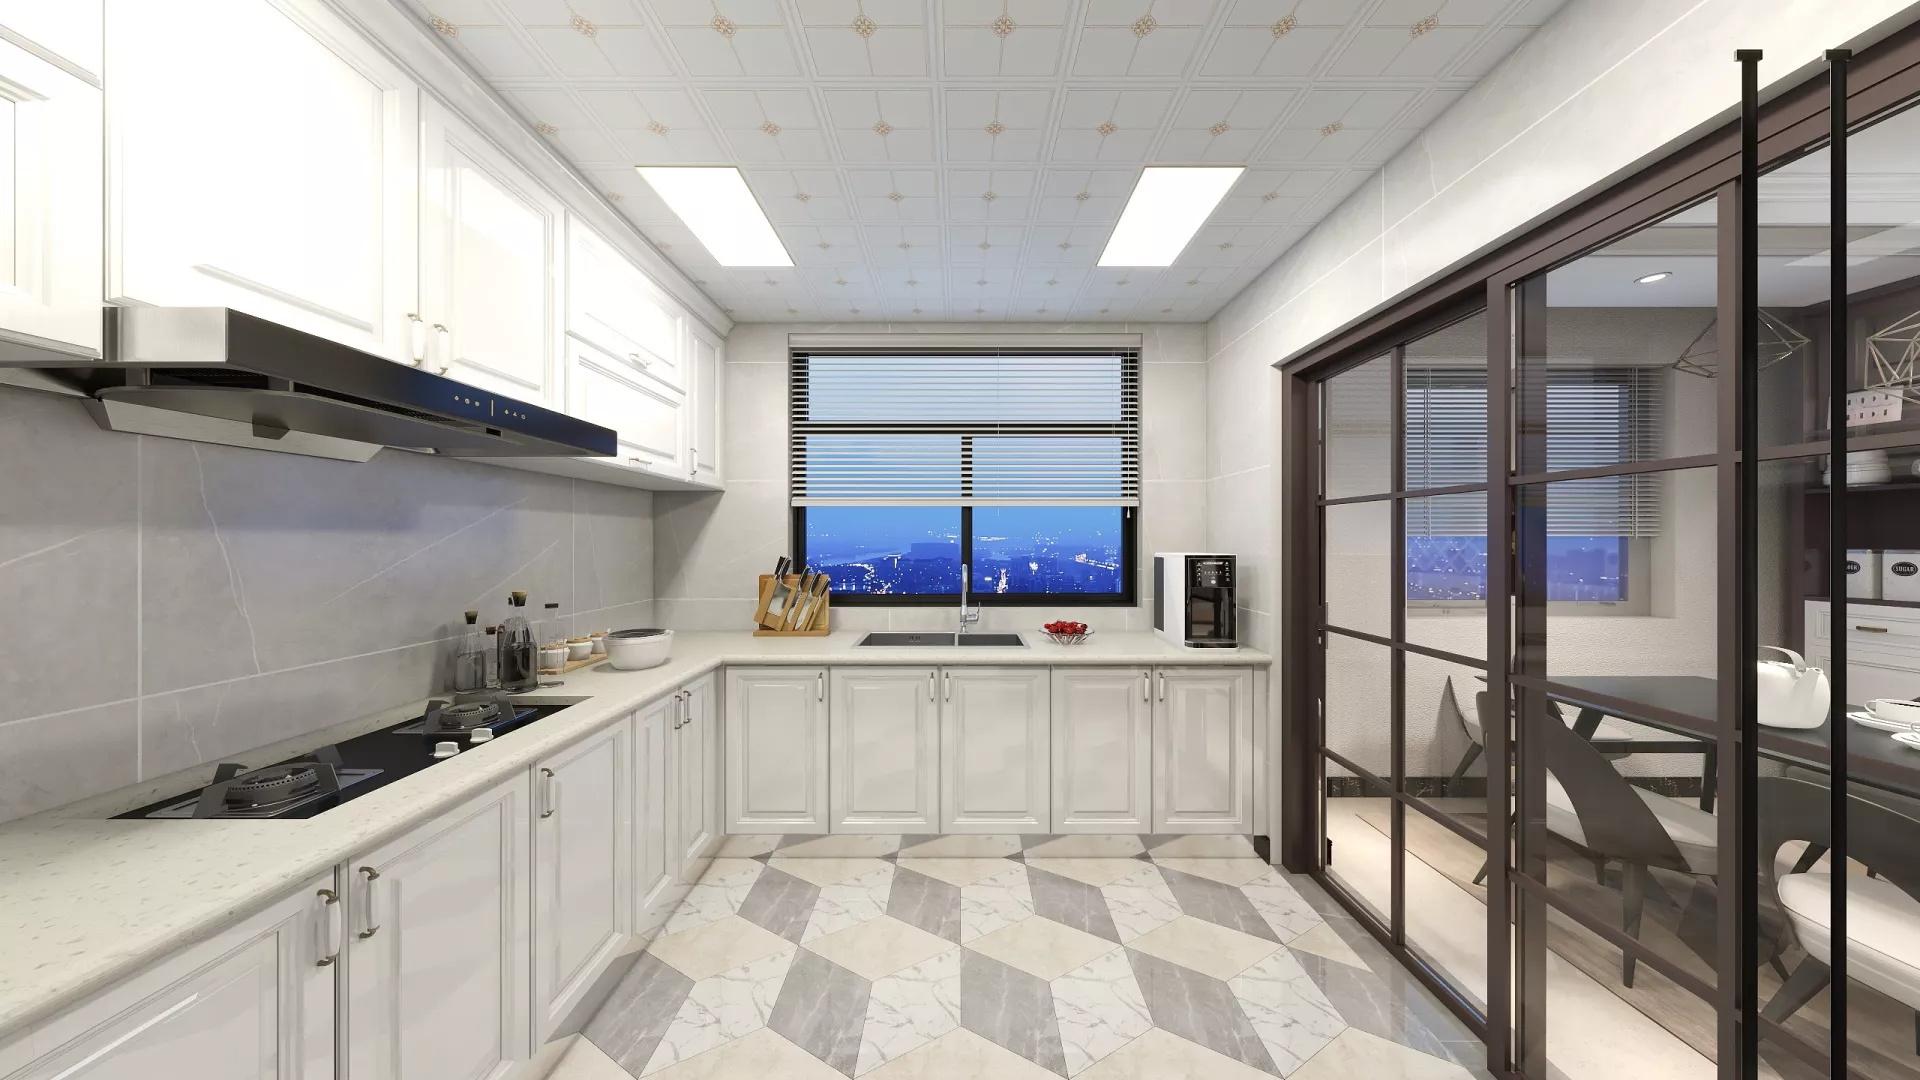 复式楼房要怎么装修 复式楼房客厅颜色如何搭配